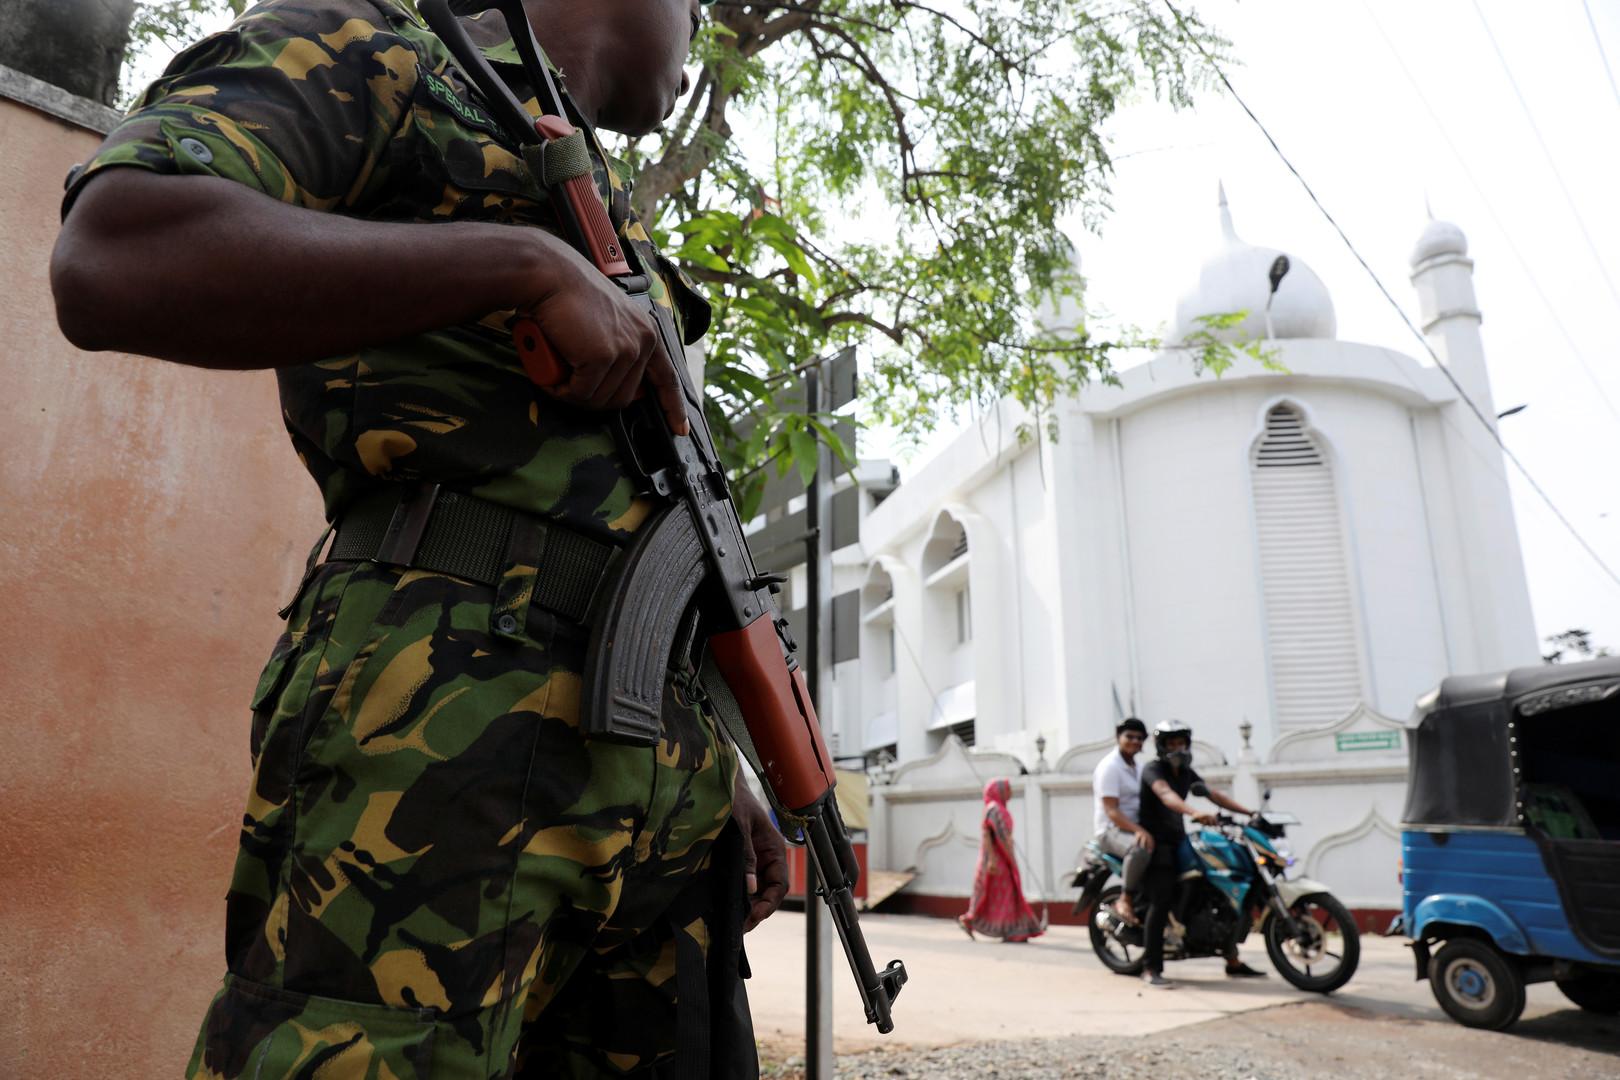 رئيس سريلانكا يدعو المواطنين لتفادي كراهية المسلمين